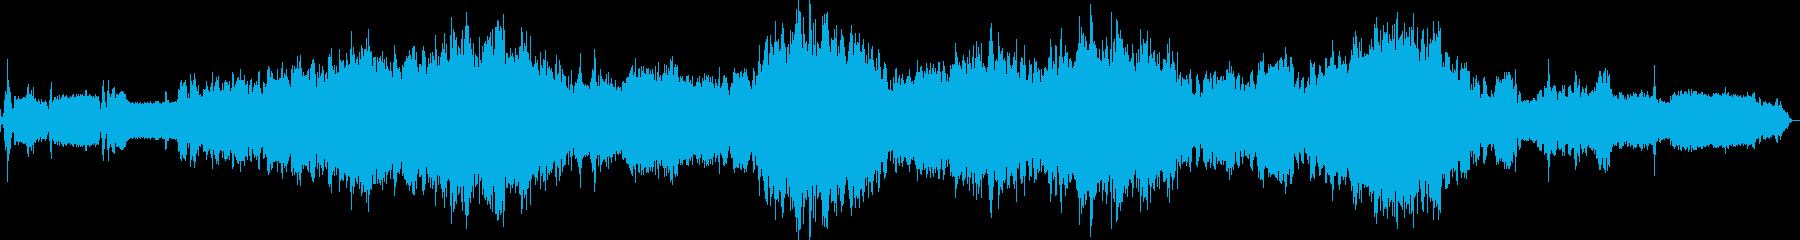 戦車の内部の音の再生済みの波形